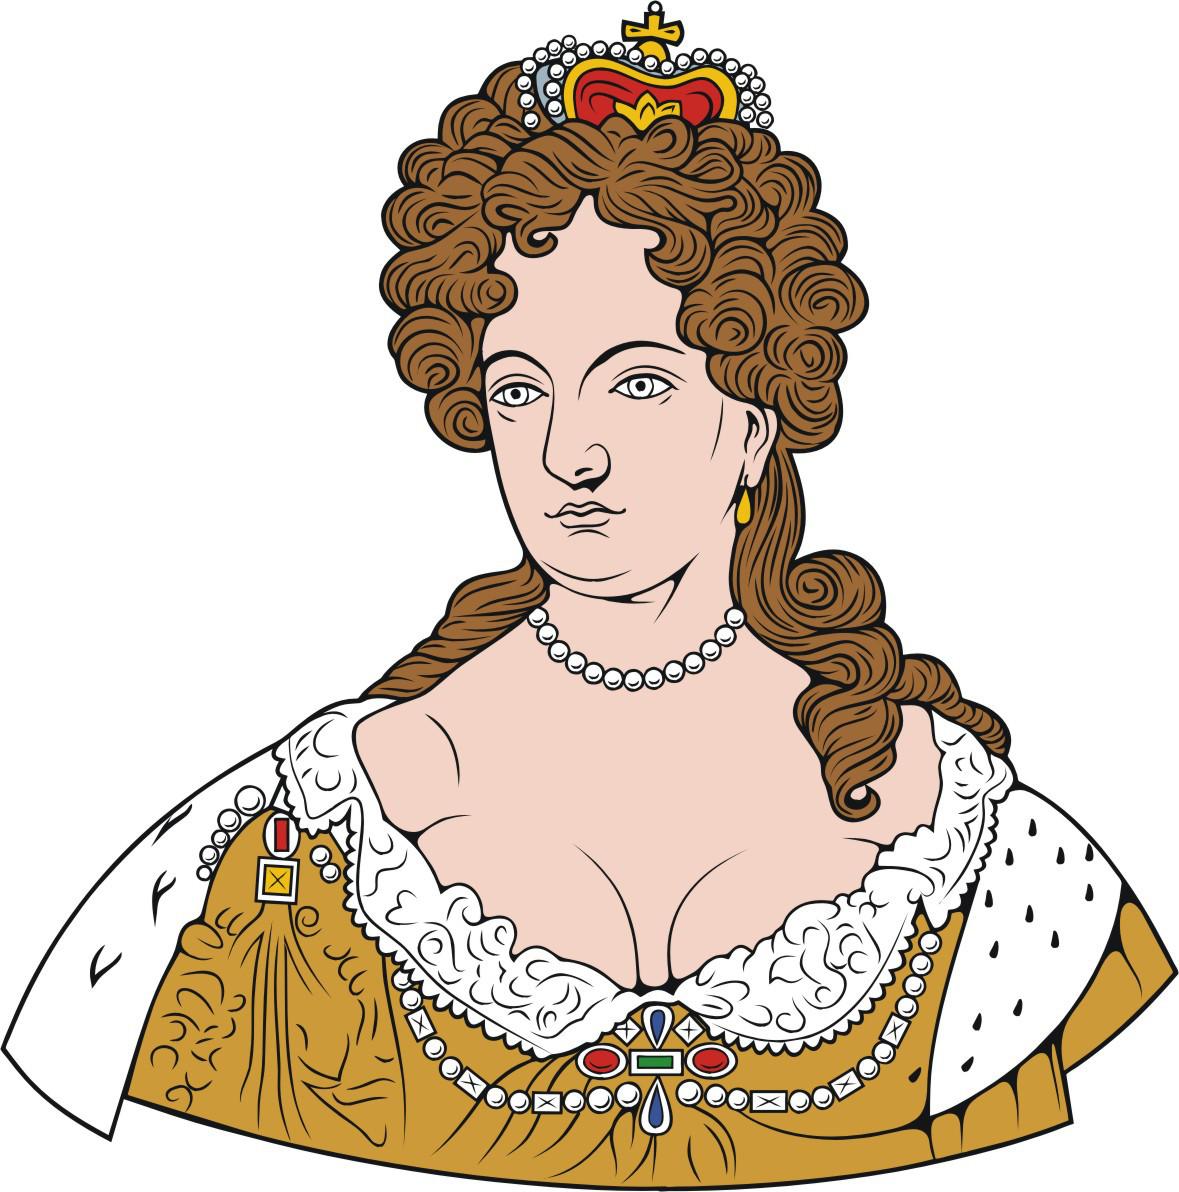 rainha anne